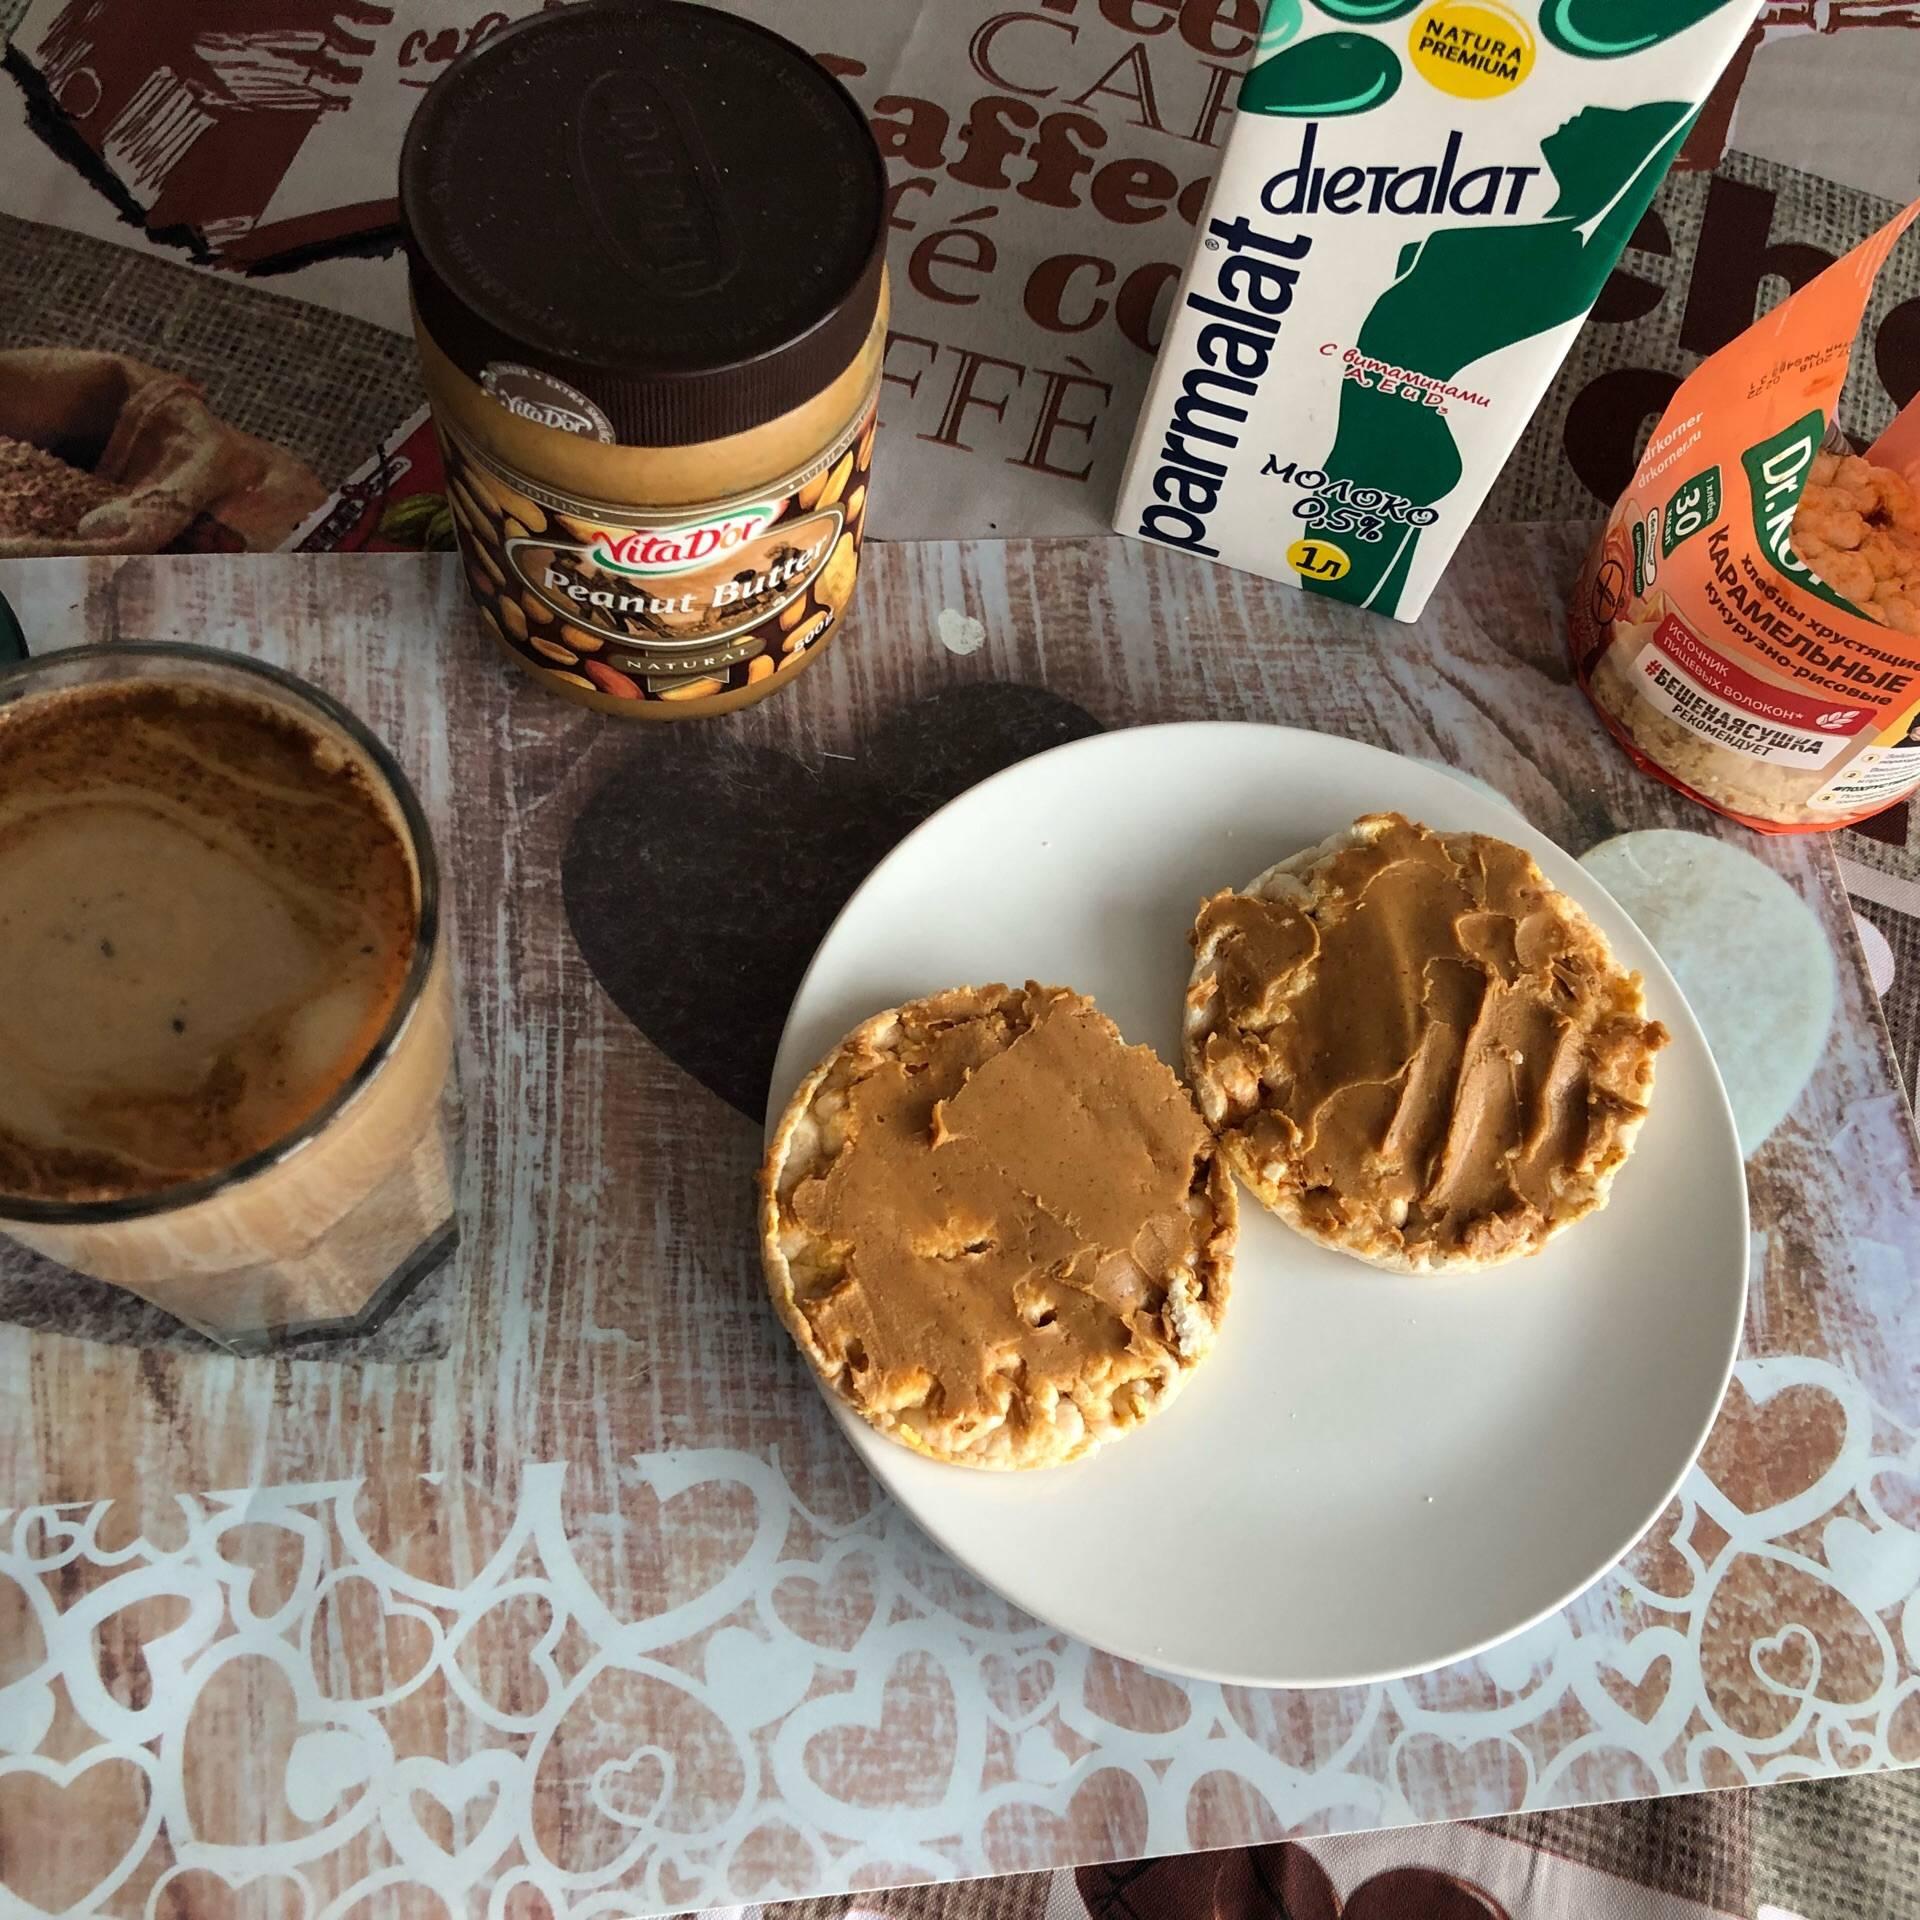 Кето-печенье с арахисовой пастой — 2 супер рецепта. печенье вместо обеда? почему бы и нет!